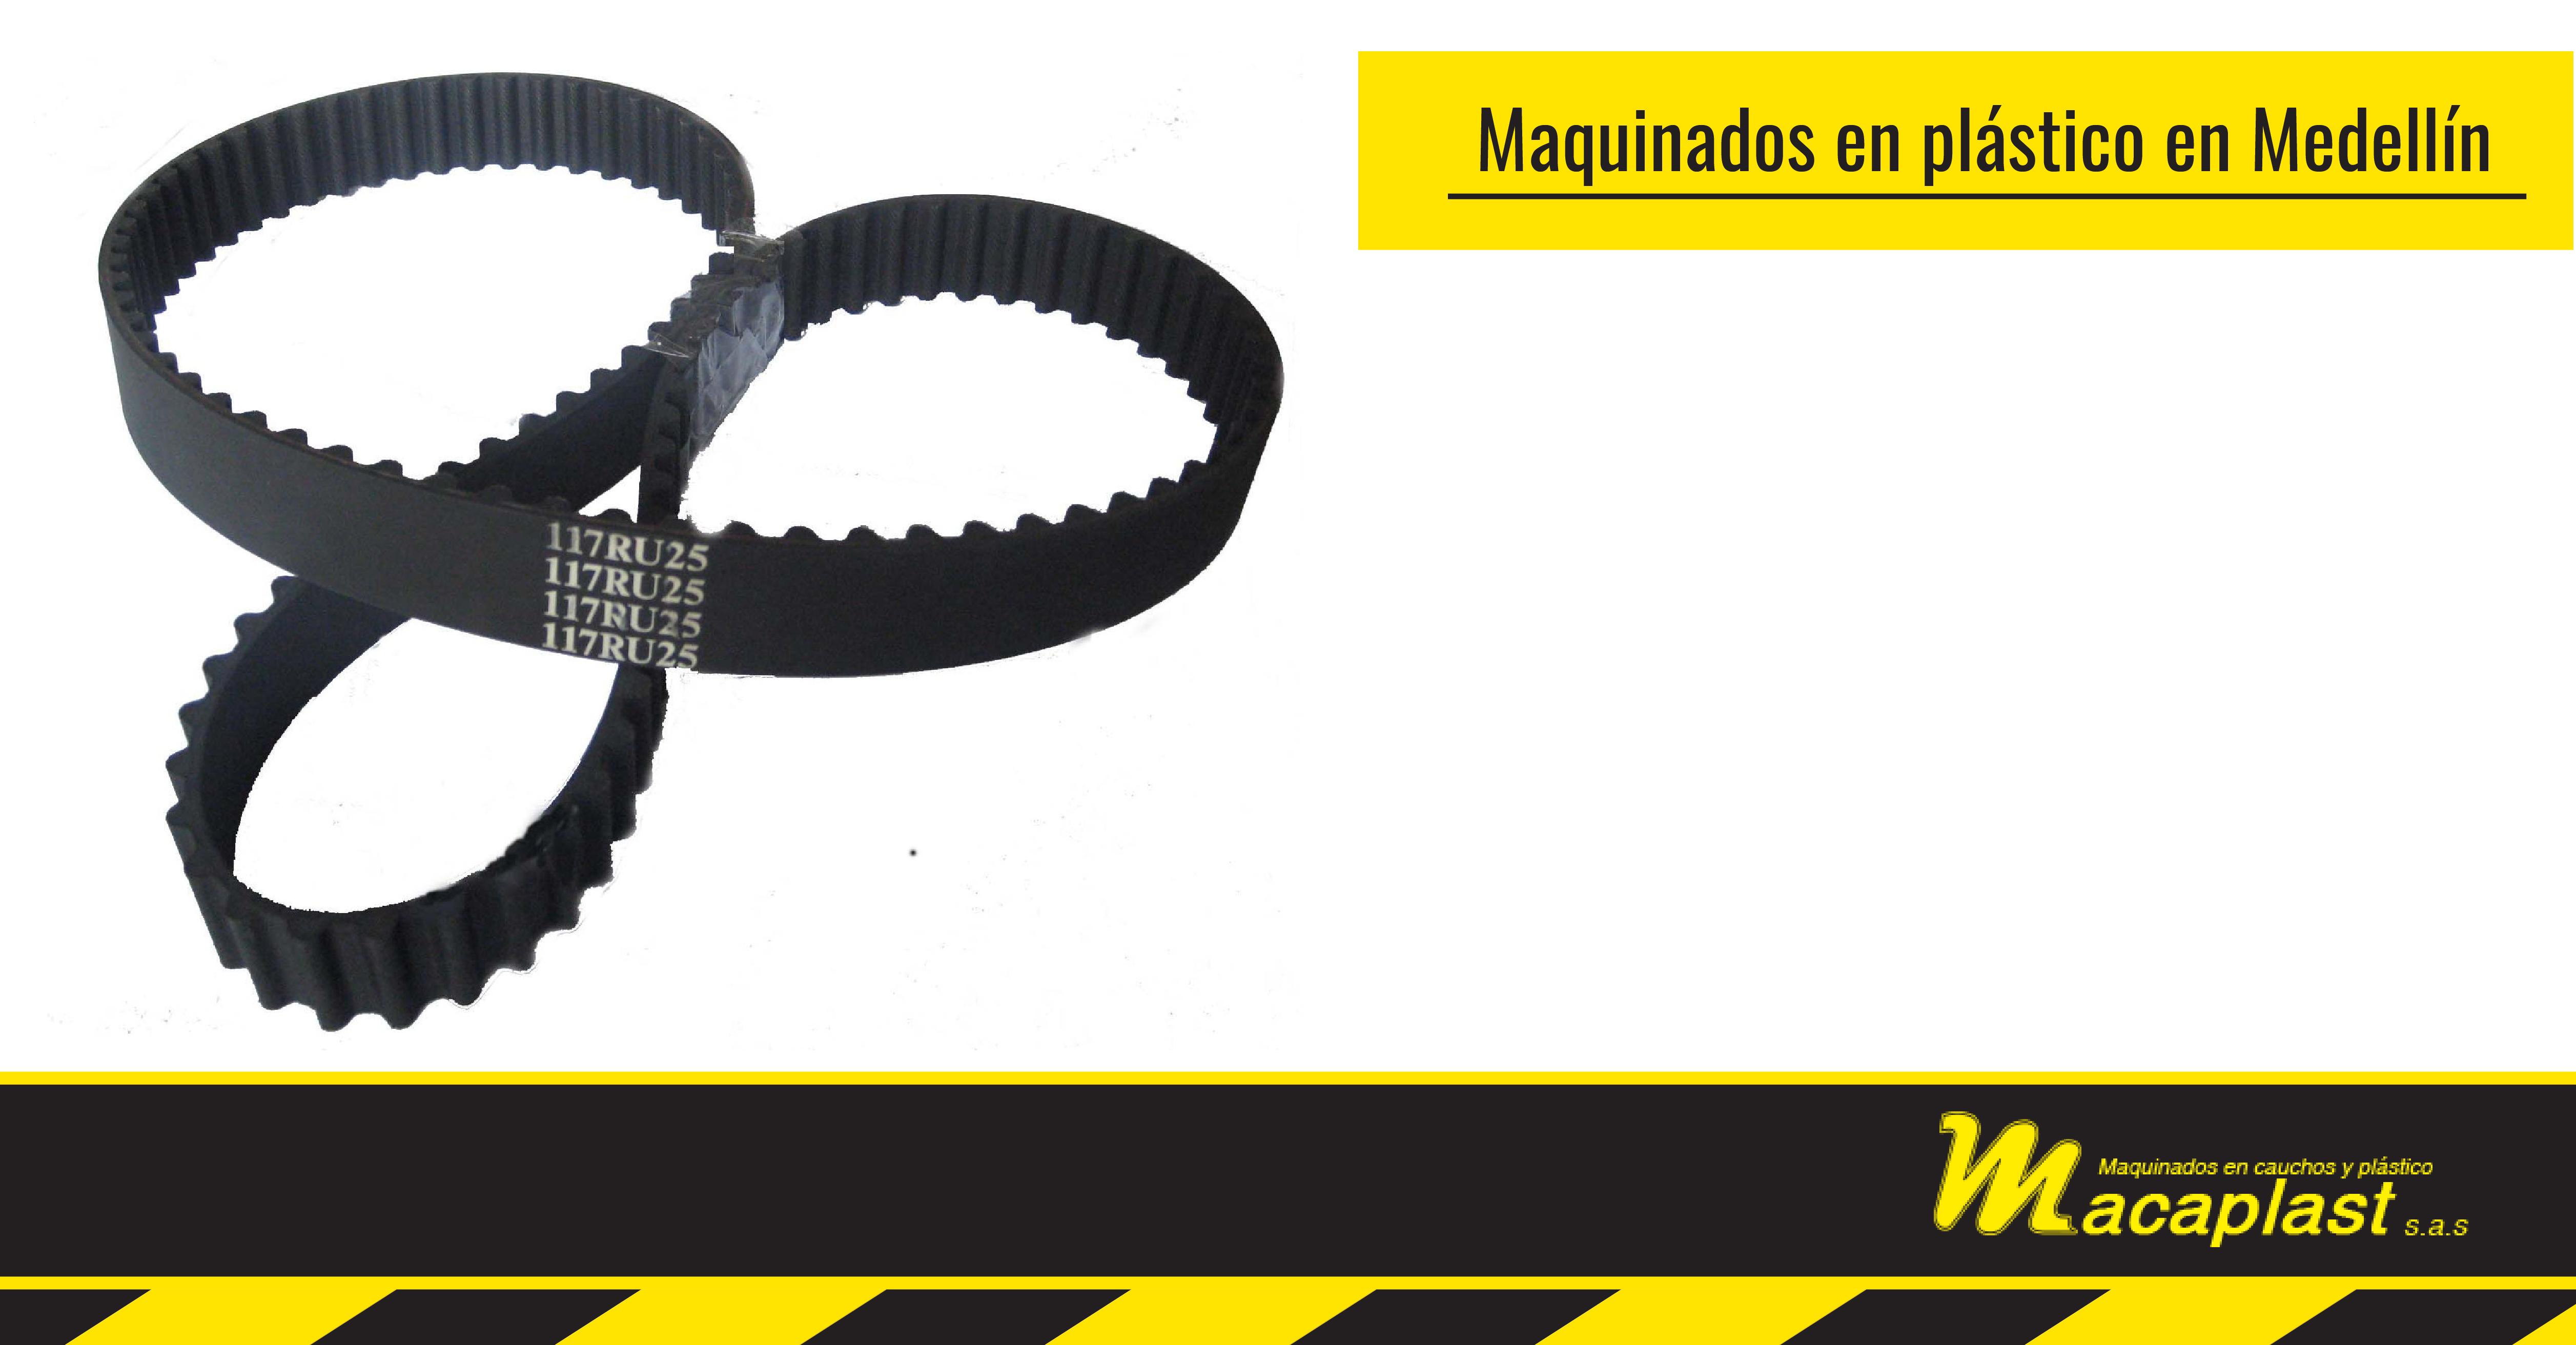 maquinados en plastico en medellin-01-01